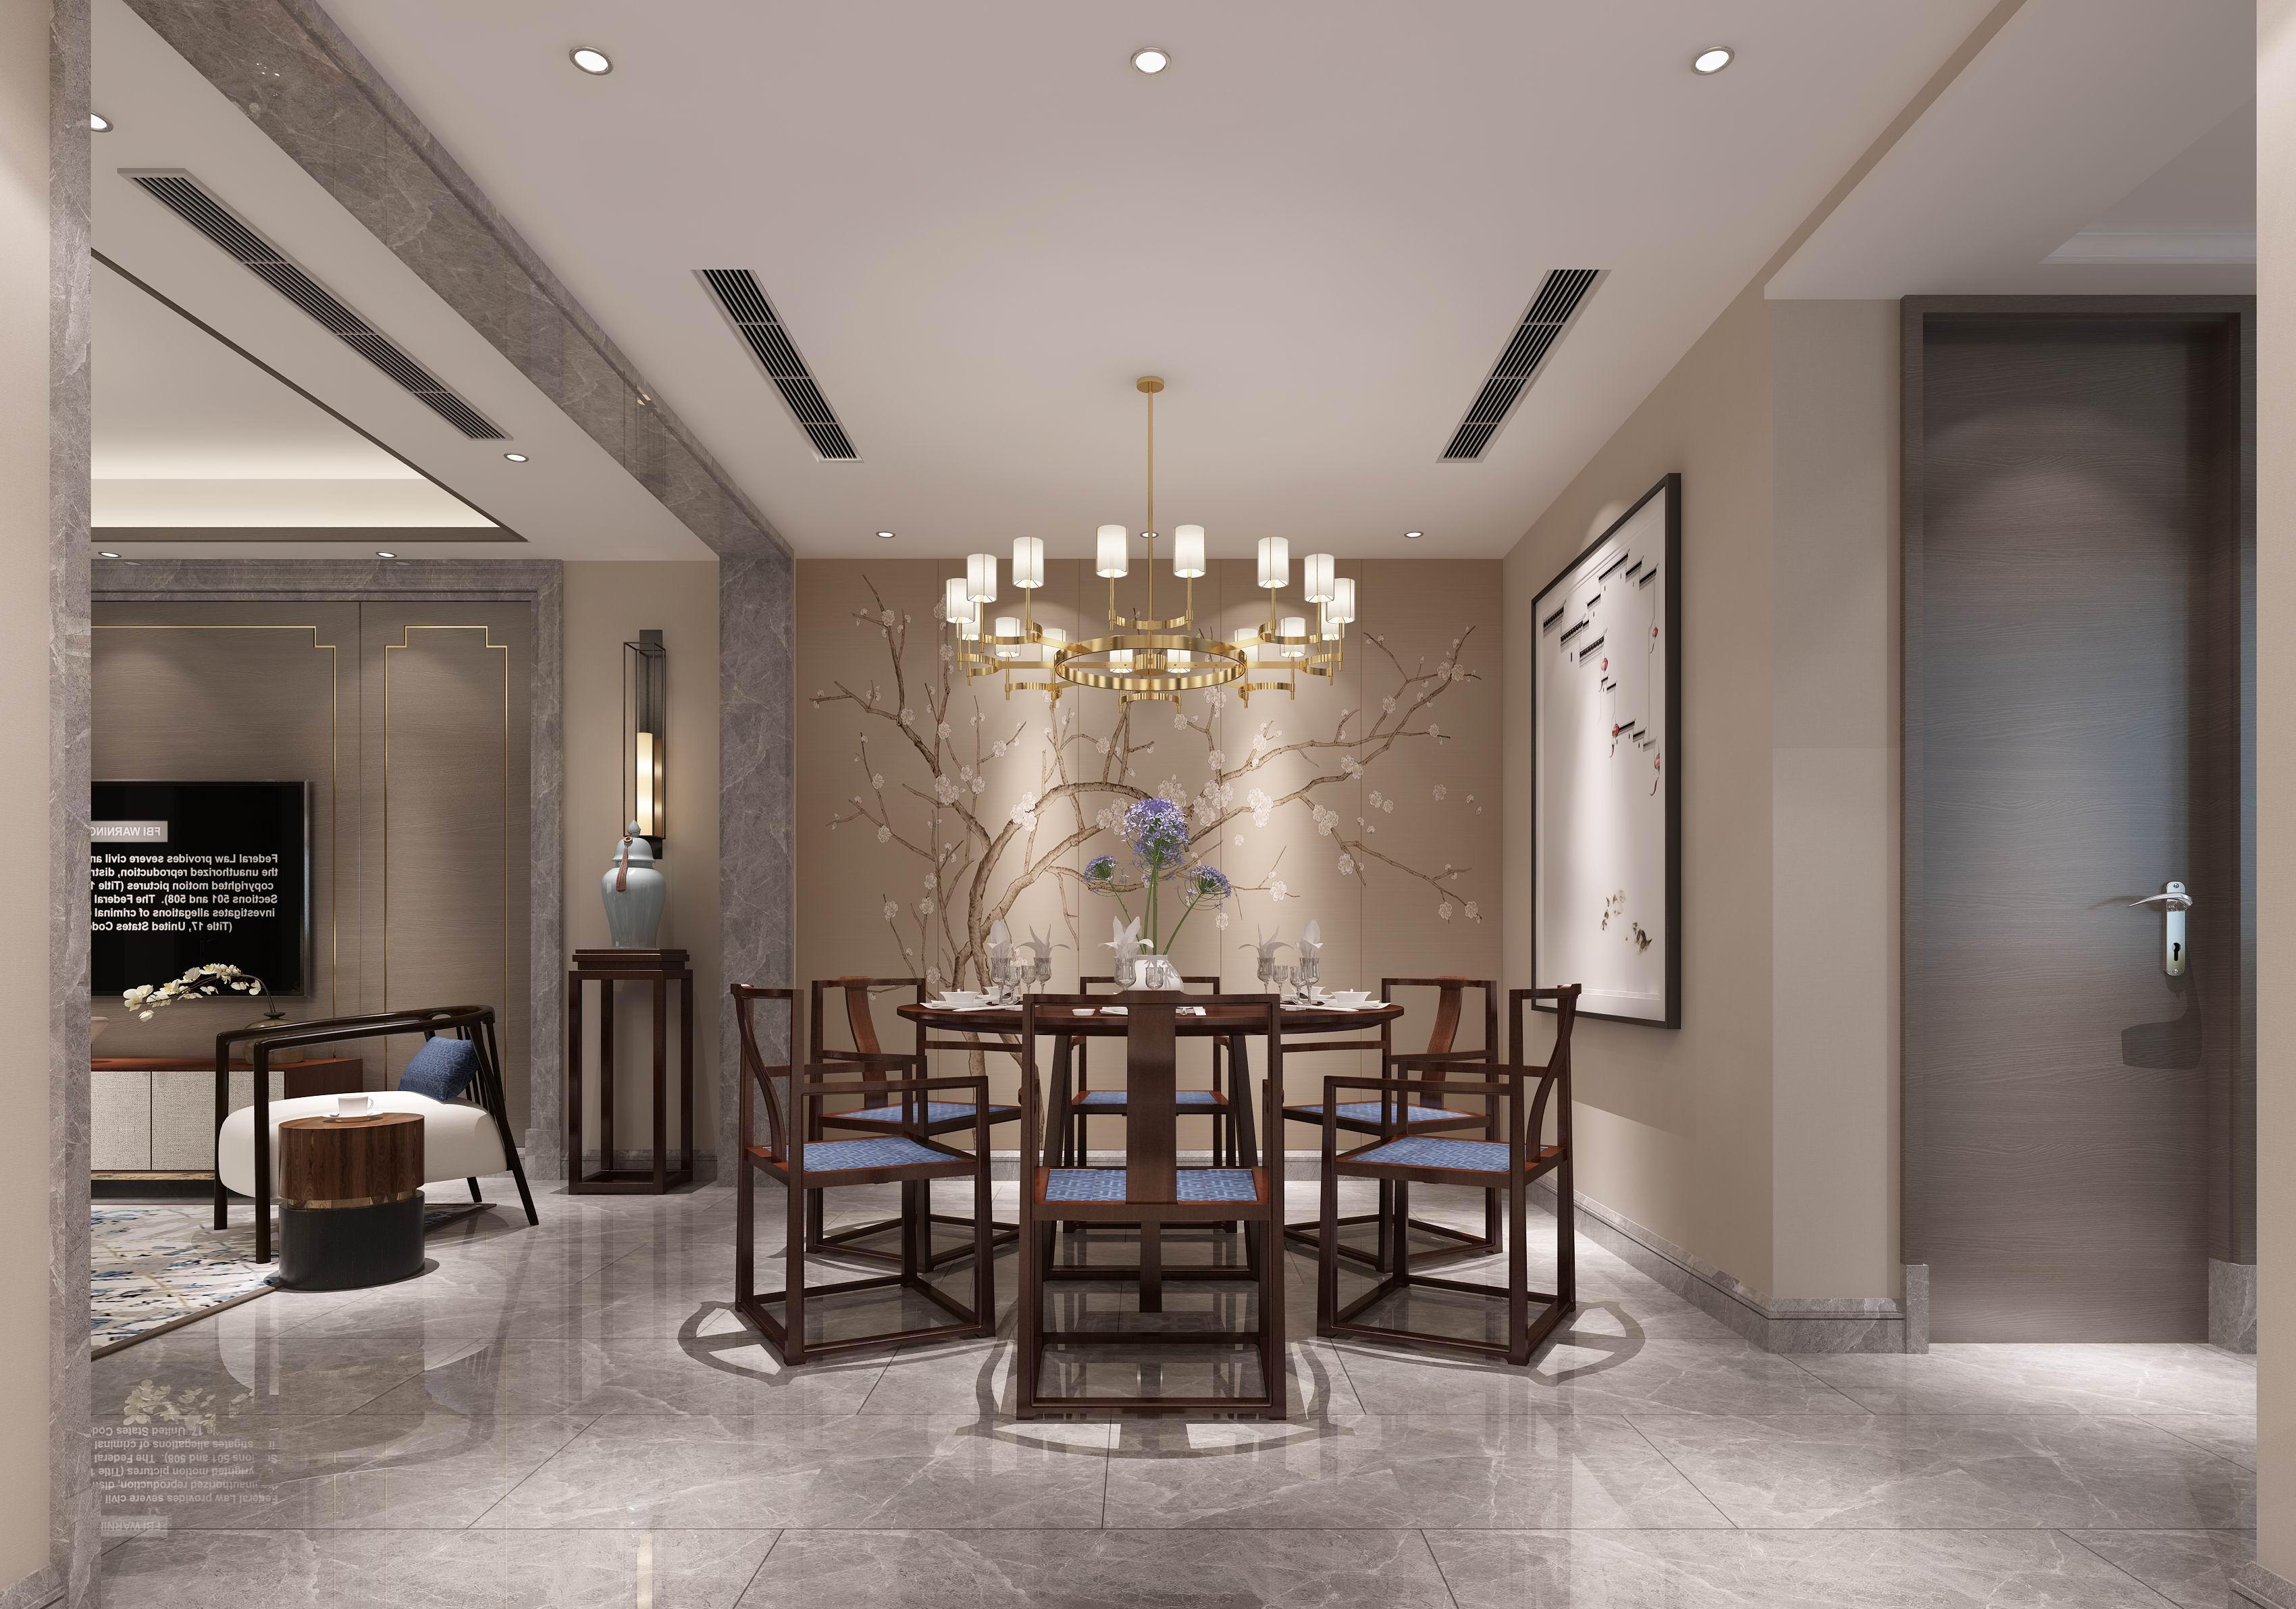 别墅 设计 装修 案例 现代中式 餐厅图片来自无锡别墅设计s在中建城中墅310㎡现代中式风格的分享